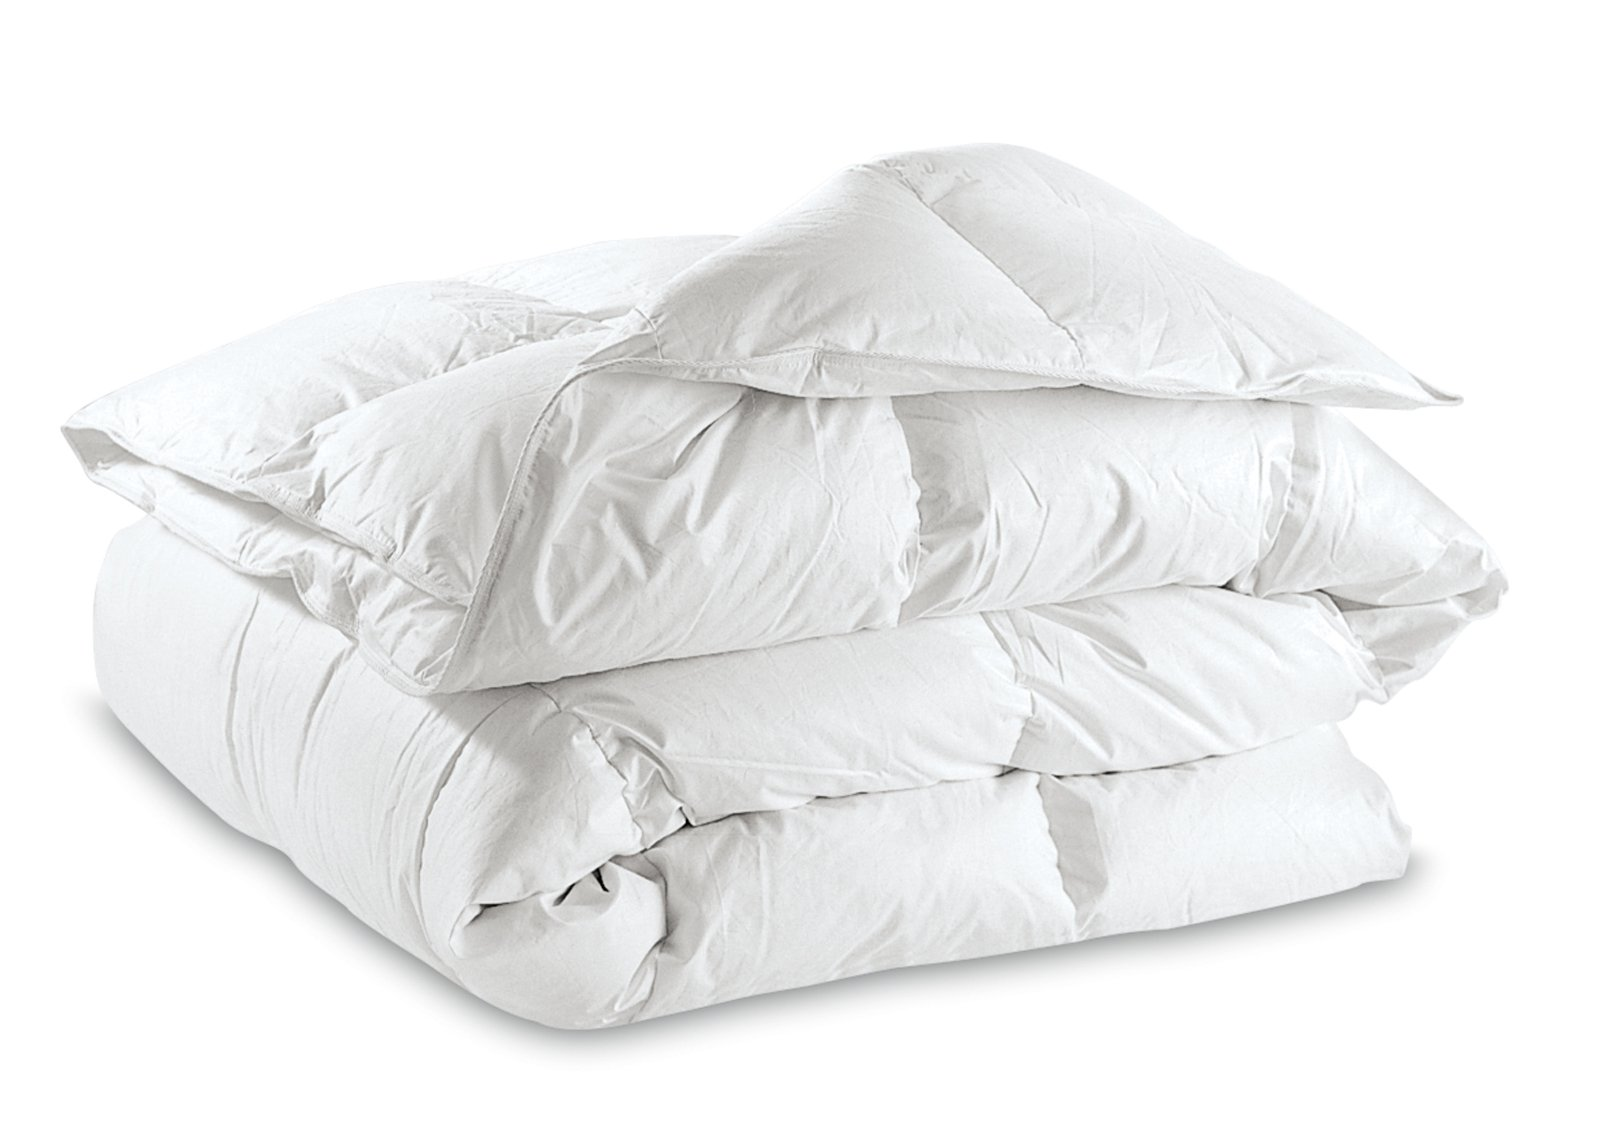 Monarch Hypoallergenic Comforter